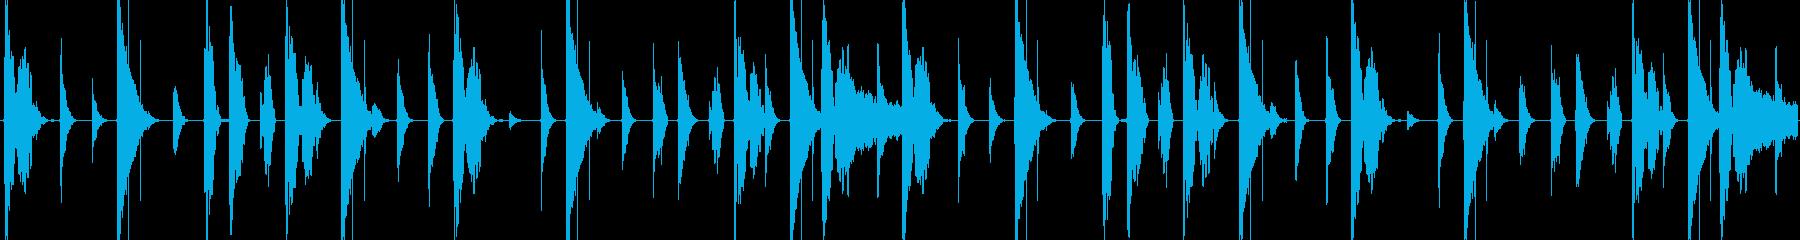 HIPHOPリズムループの再生済みの波形